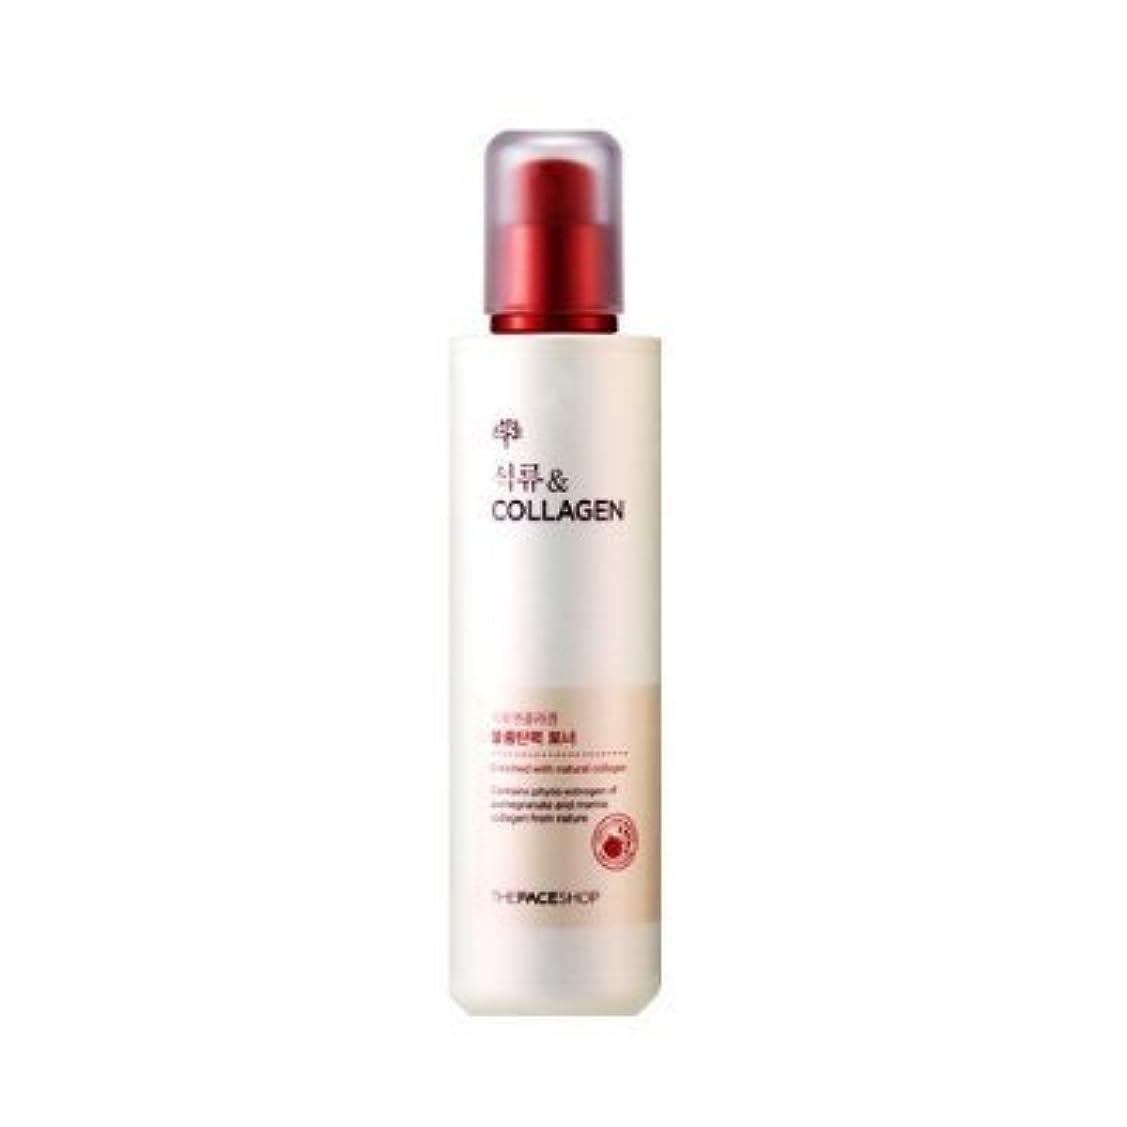 ドレインセットアップパーツThe face Shop Pomegranate and Collagen Volume Lifting Toner 160ml